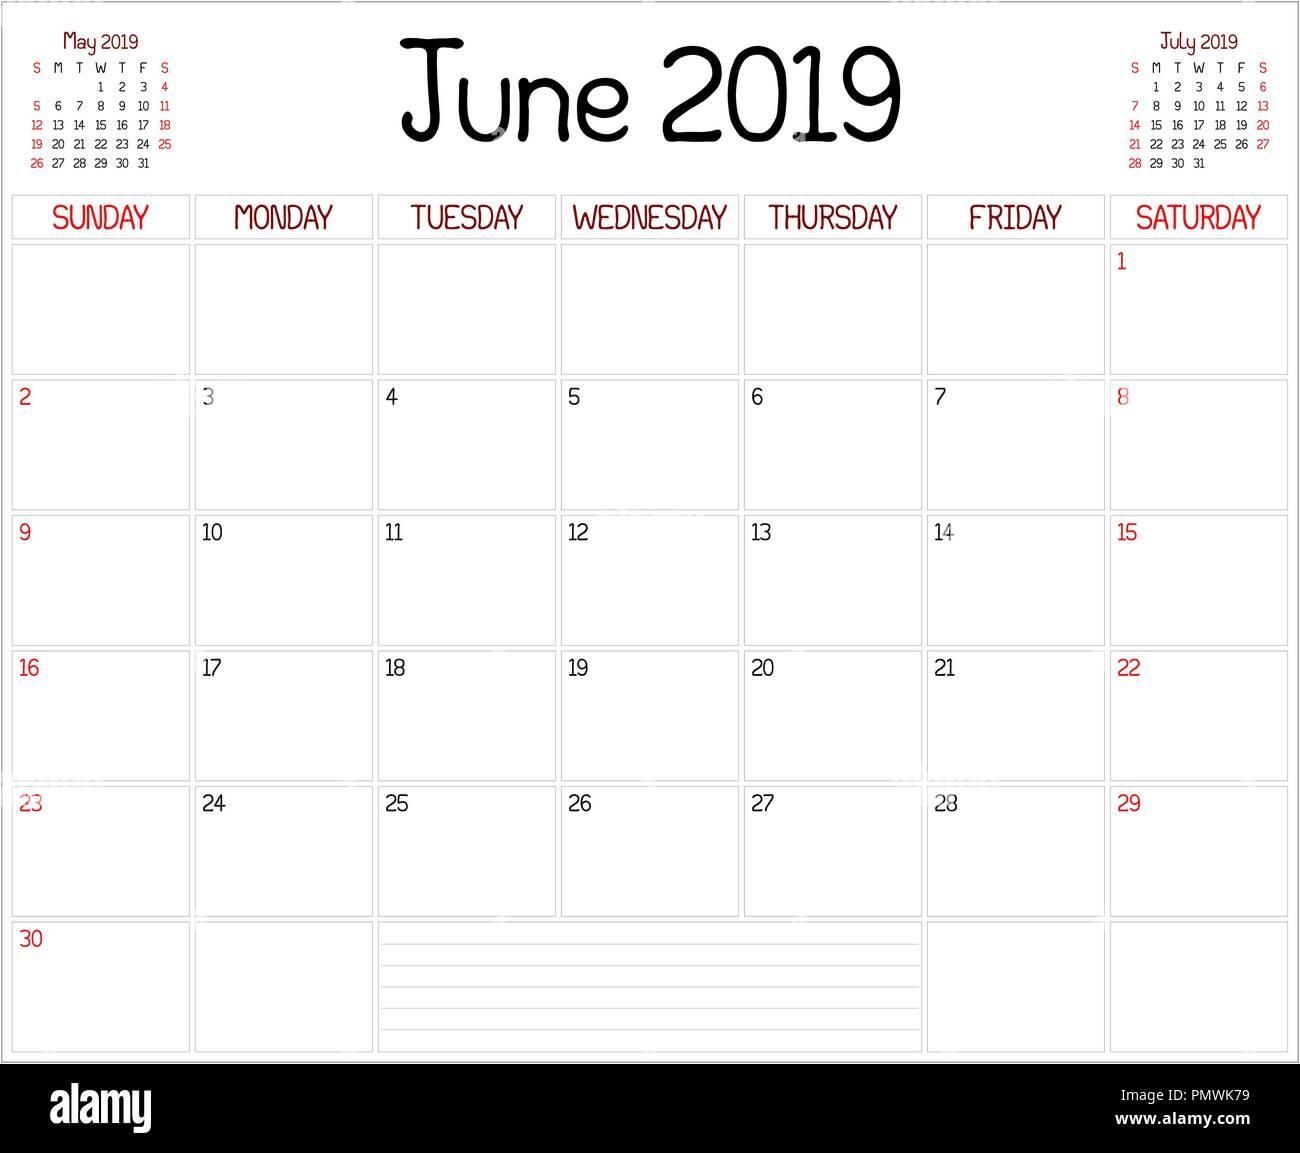 Calendario Mese Giugno.Un Pianificatore Mensile Calendario Per Il Mese Di Giugno